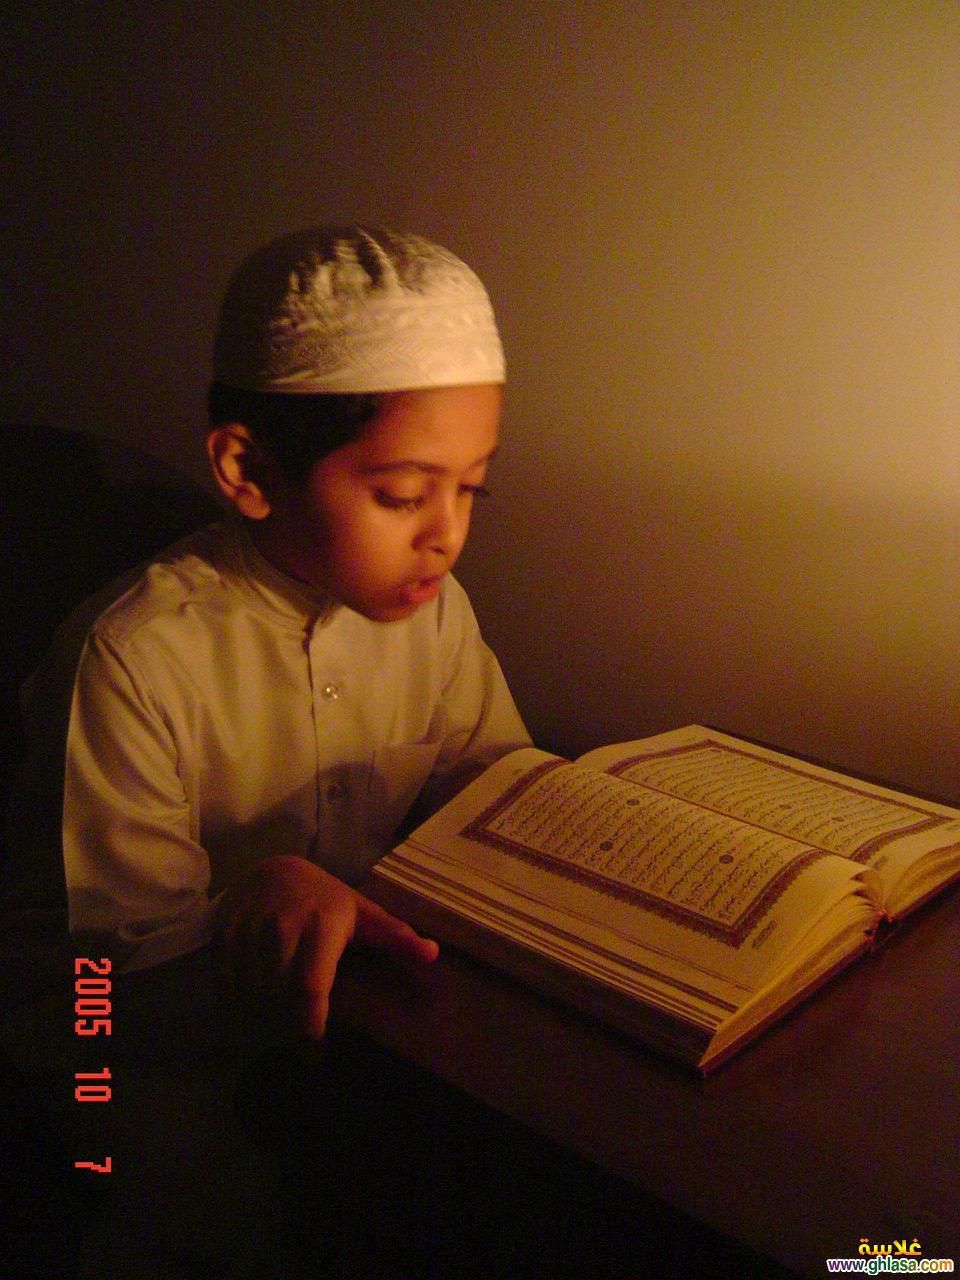 صور خلفيات المصحف الشريف 1439 ، صور اسلامية المصحف 2019 ghlasa1383536958272.jpg